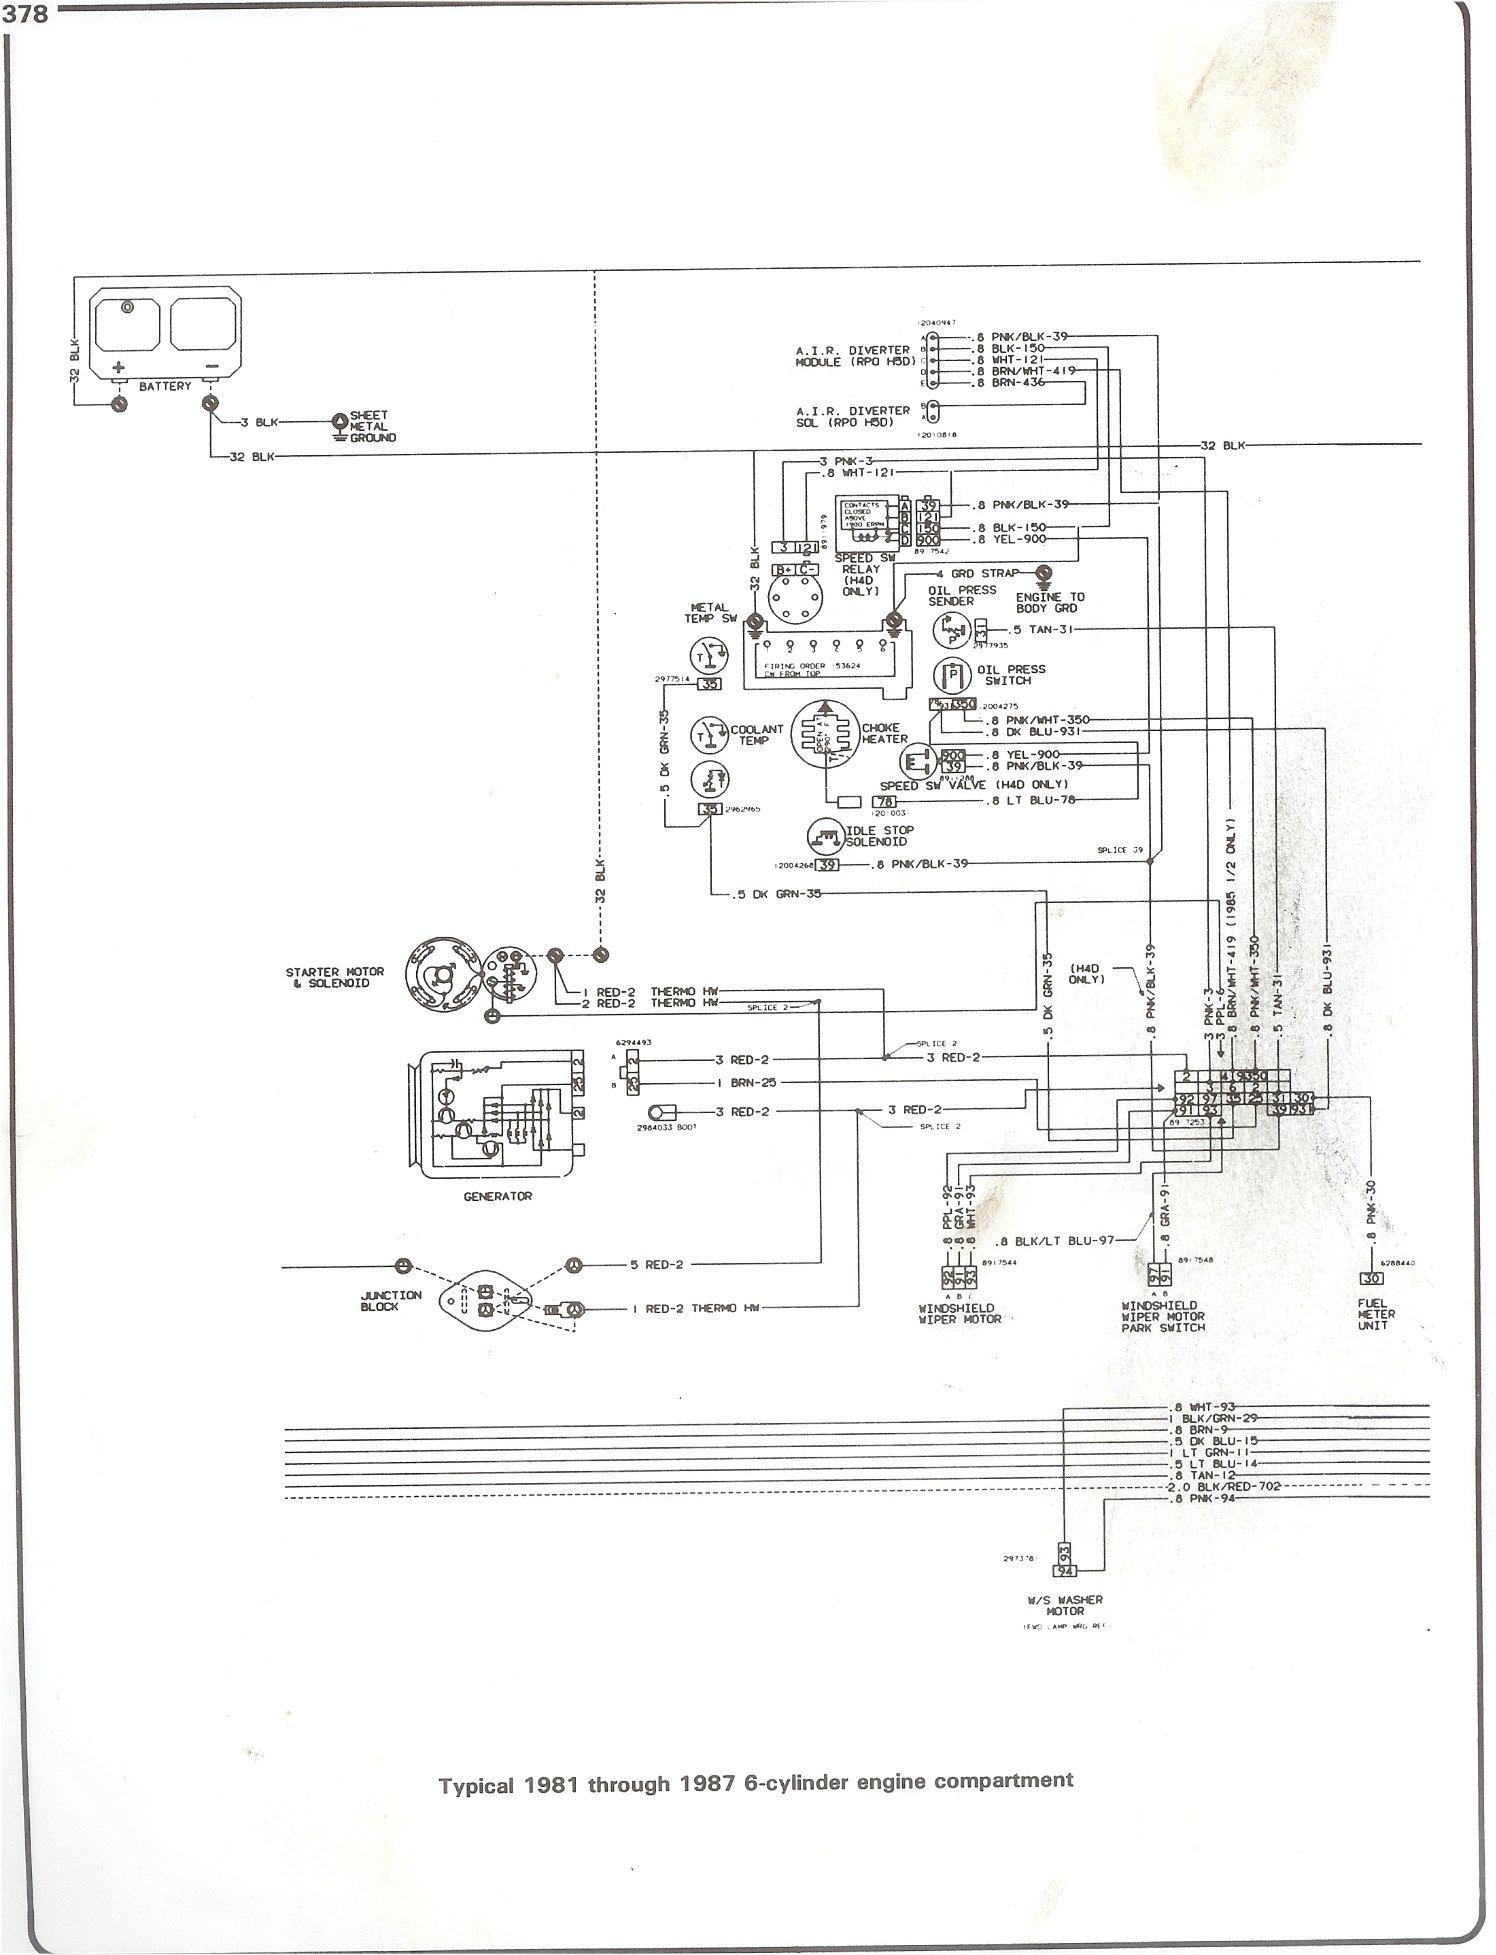 2002 Chevy Tracker Fuel Gauge Wiring | Wiring Diagram - Fuel Gauge Wiring Diagram Chevy